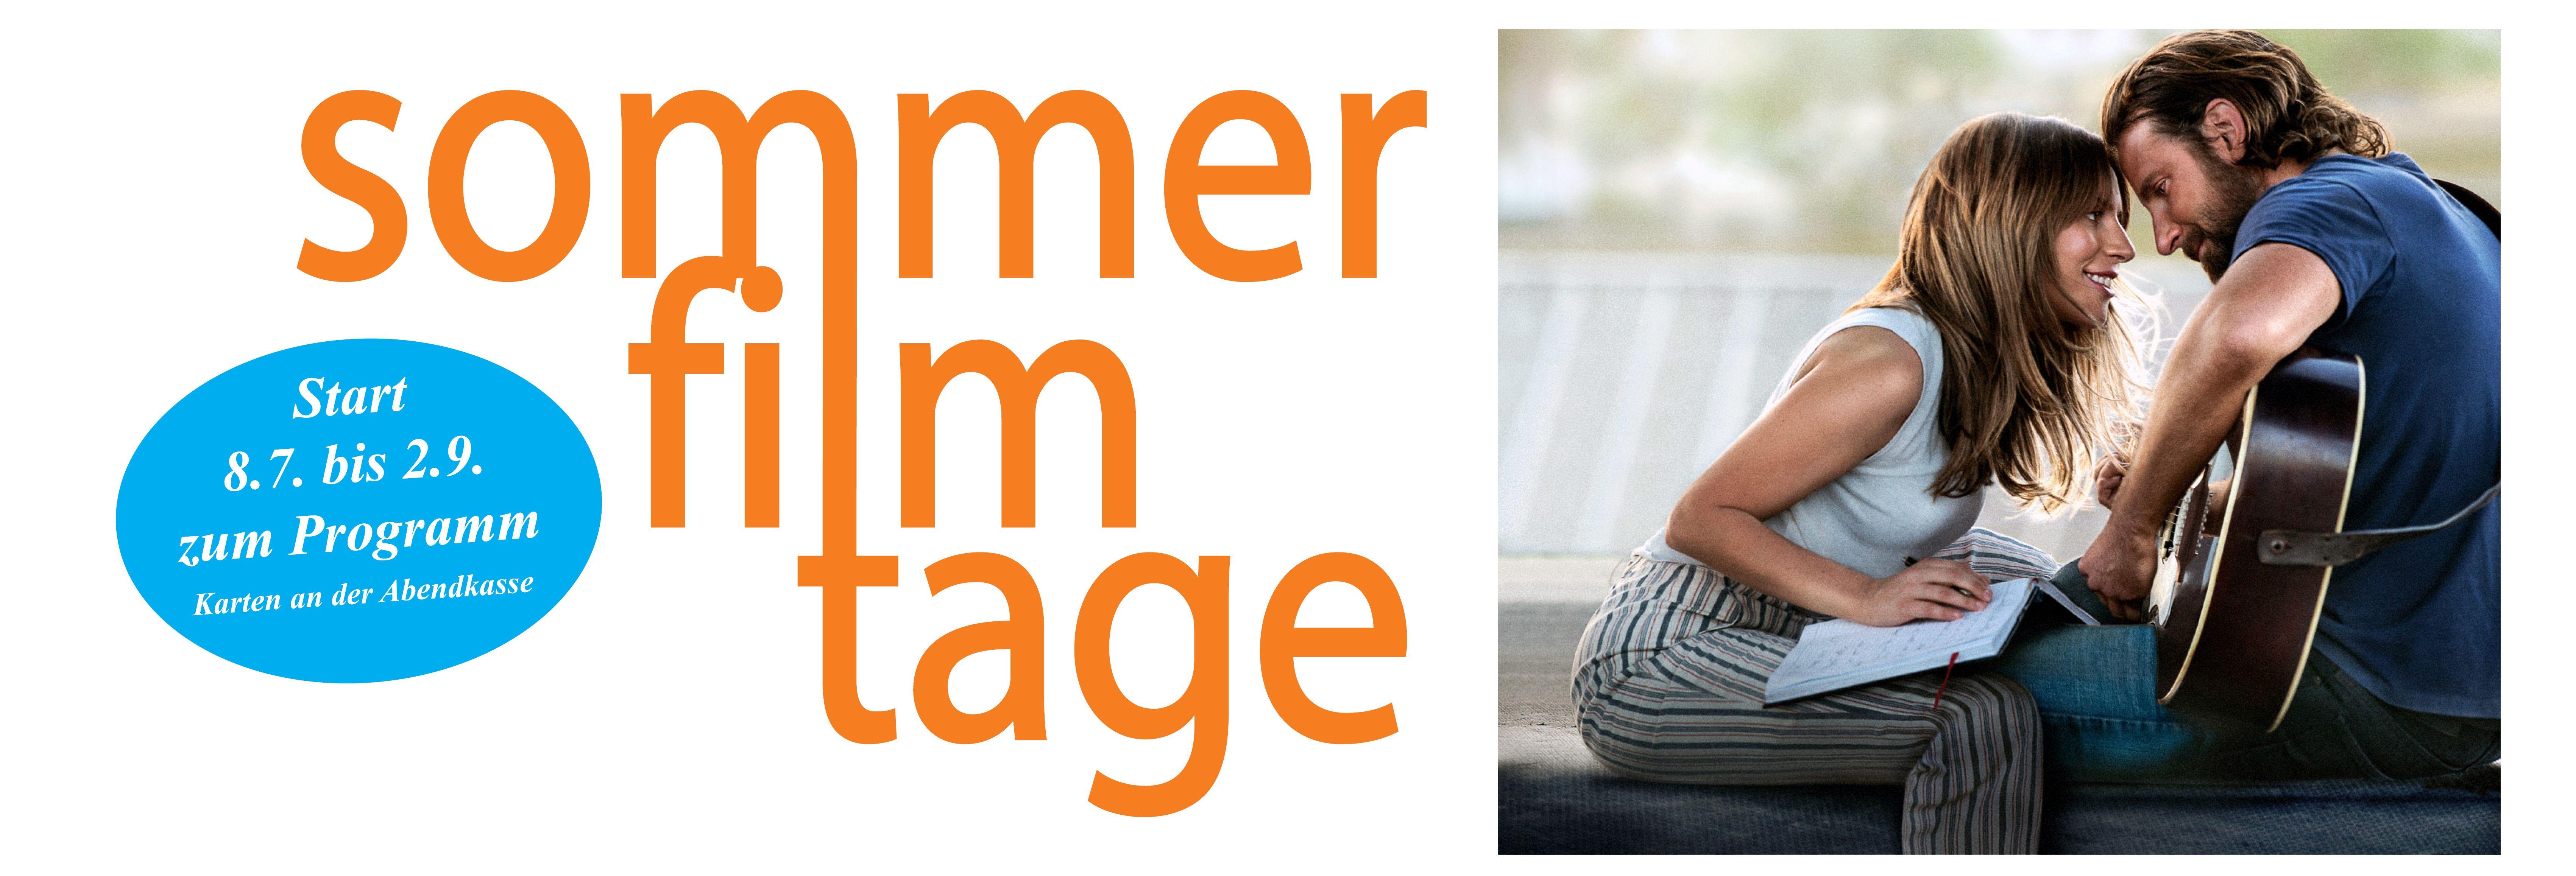 Sommerfilmtage 2020 vom 8.7. bis 2.9.